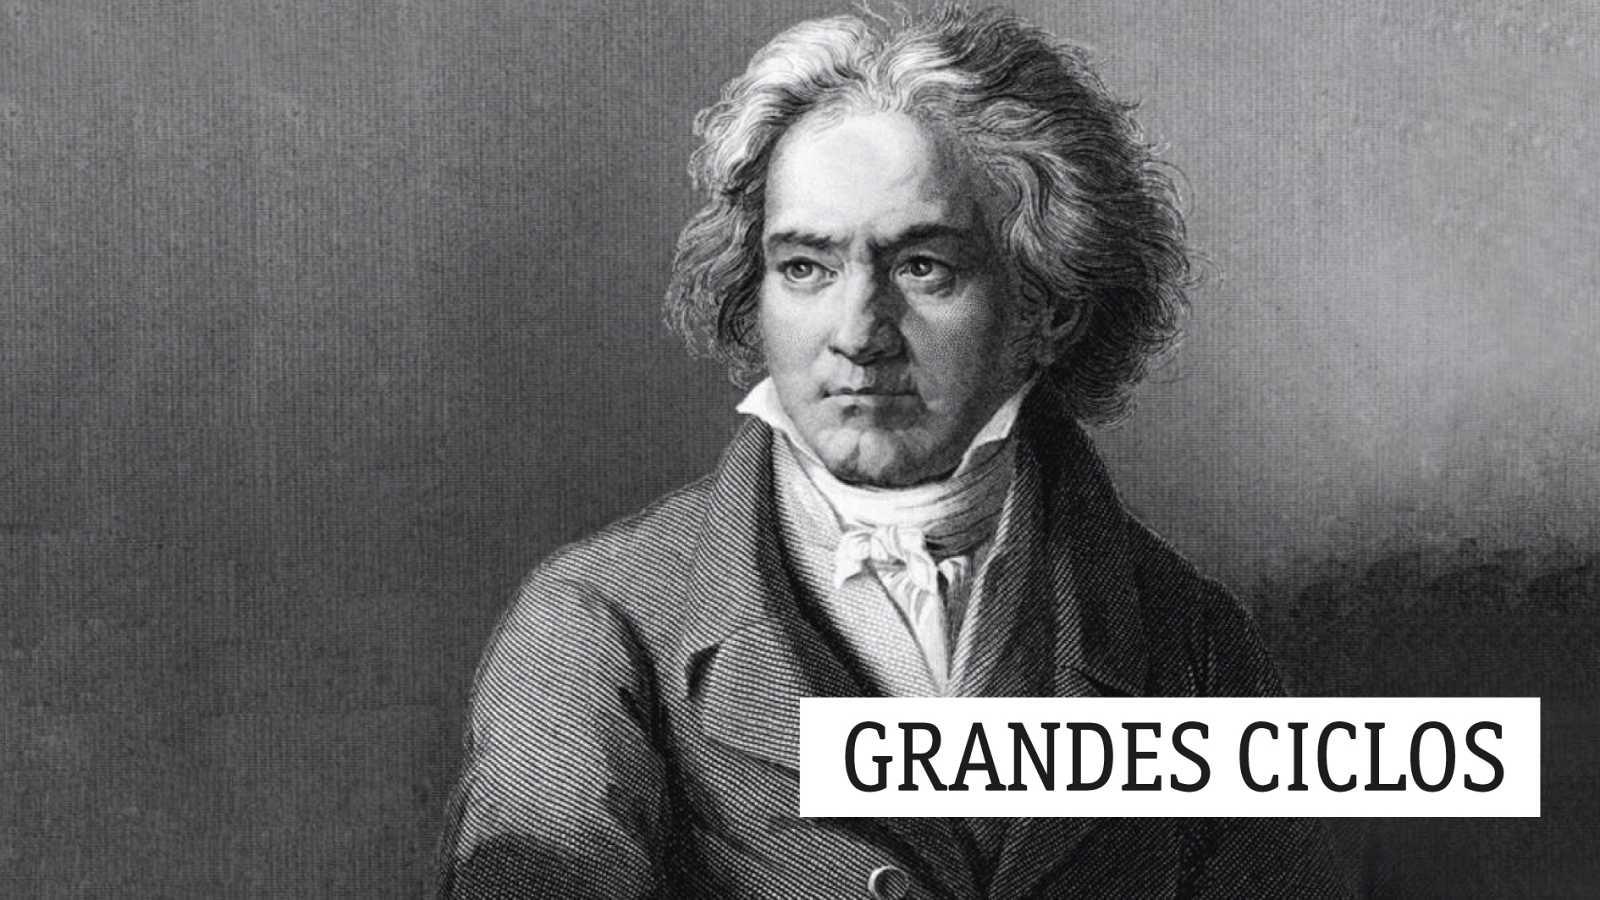 Grandes ciclos - L. van Beethoven (CXXII): La reducción de la inmensidad del pensamiento - 13/11/20 - escuchar ahora